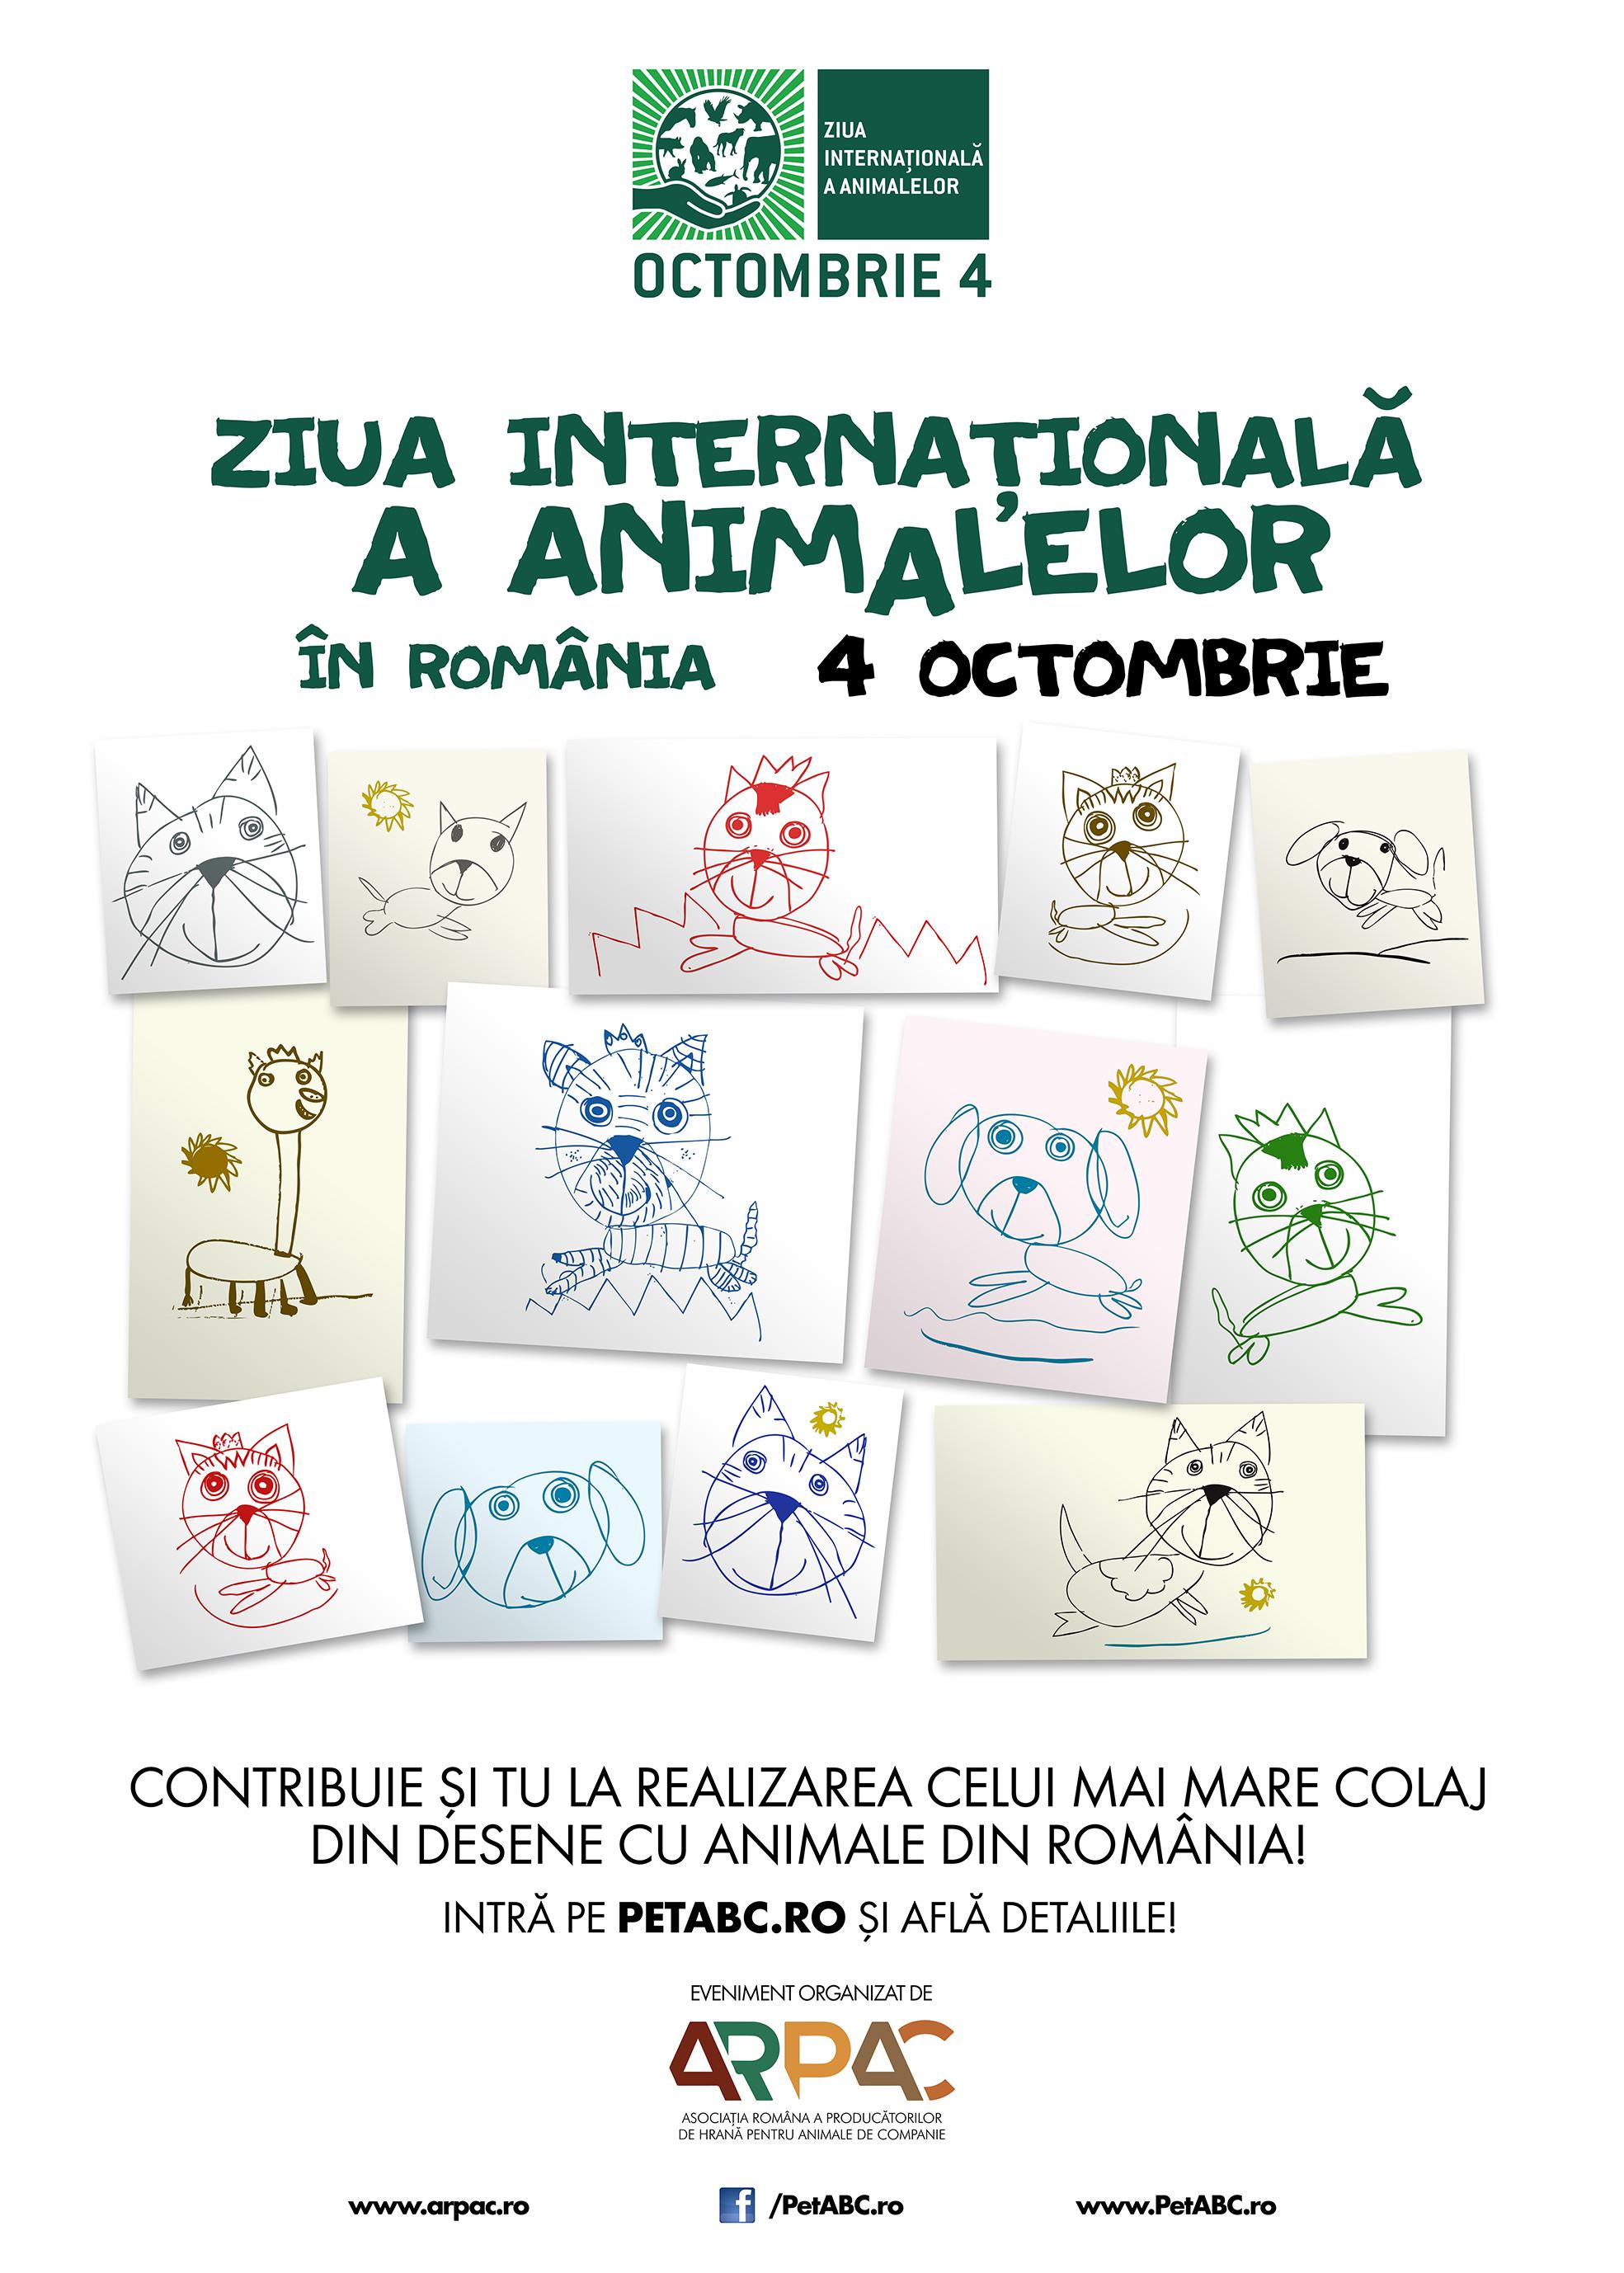 România sărbătoreşte Ziua Internaţională a Animalelor prin realizarea celui mai mare colaj cu desene despre animale